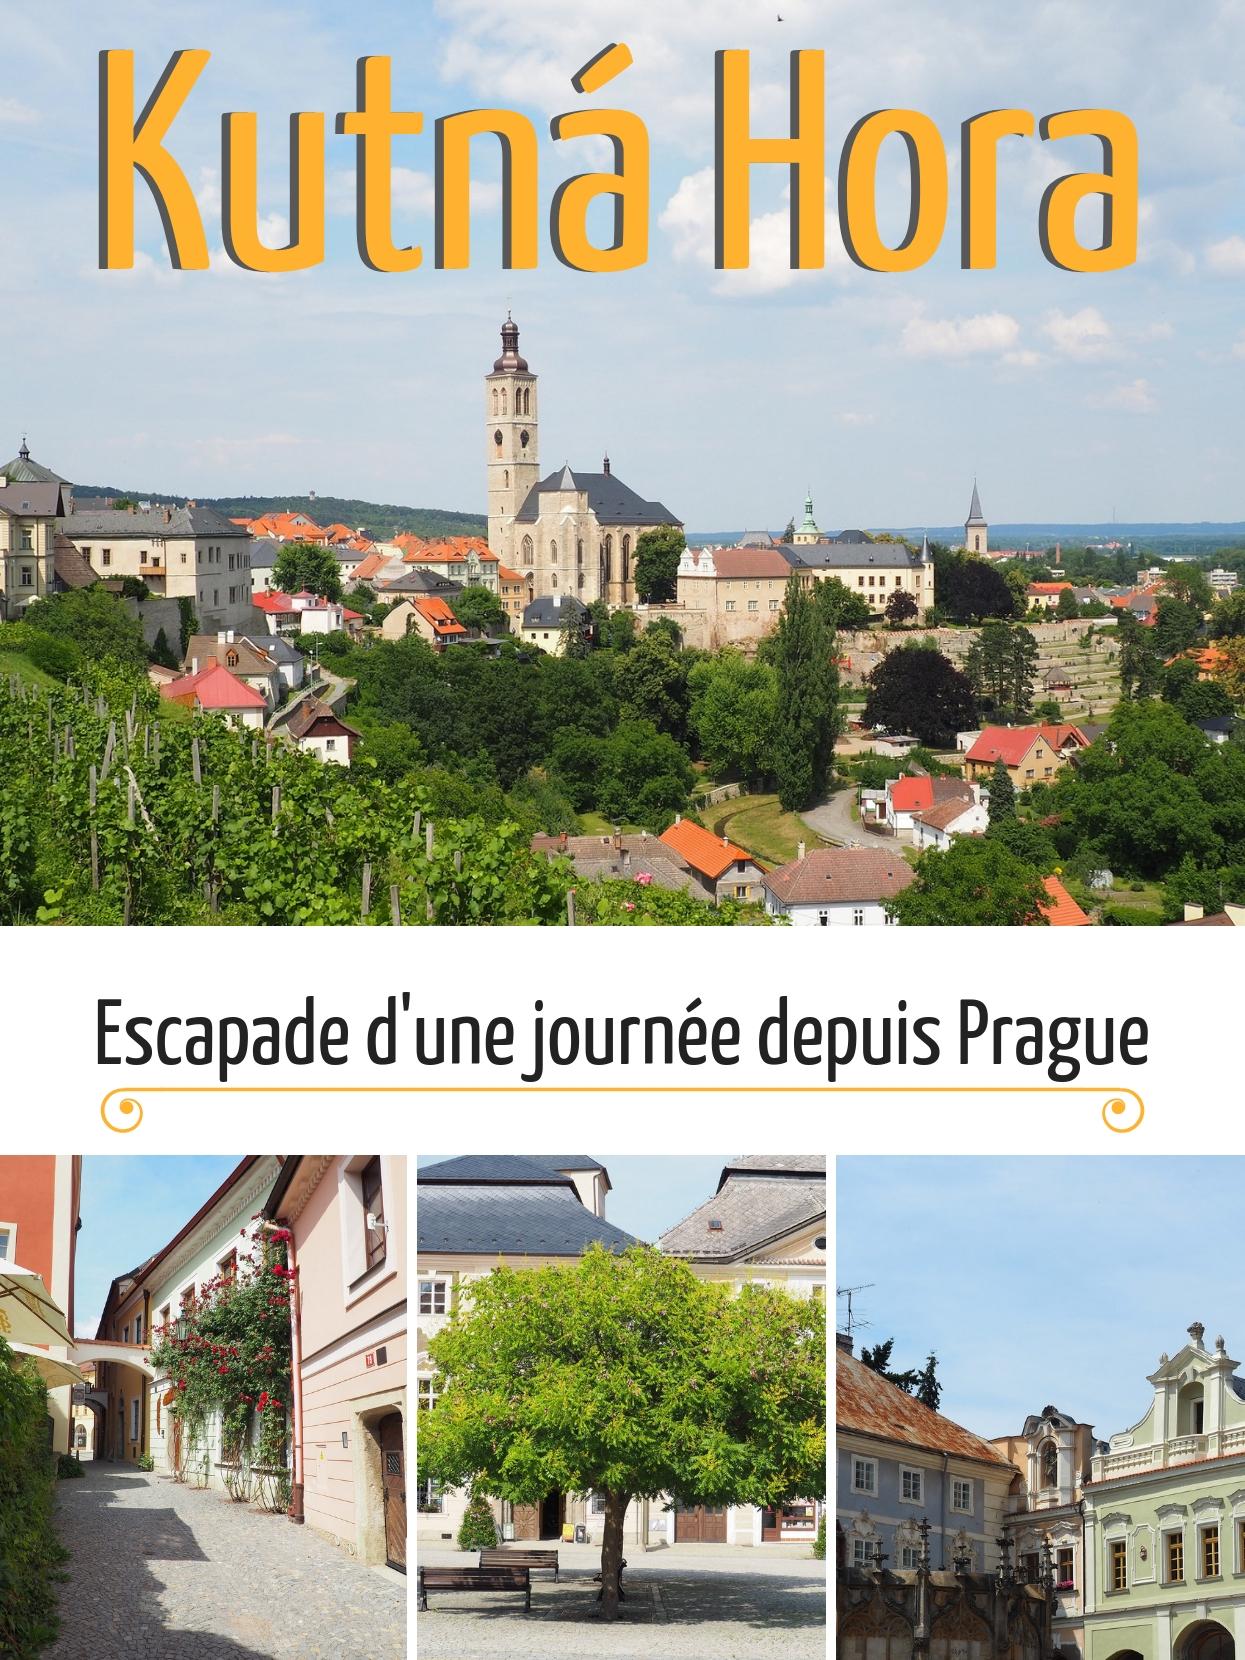 Poursuivez votre visite de la République Tchèque avec la majestueuse Kutná Hora, située à seulement une heure de Prague.